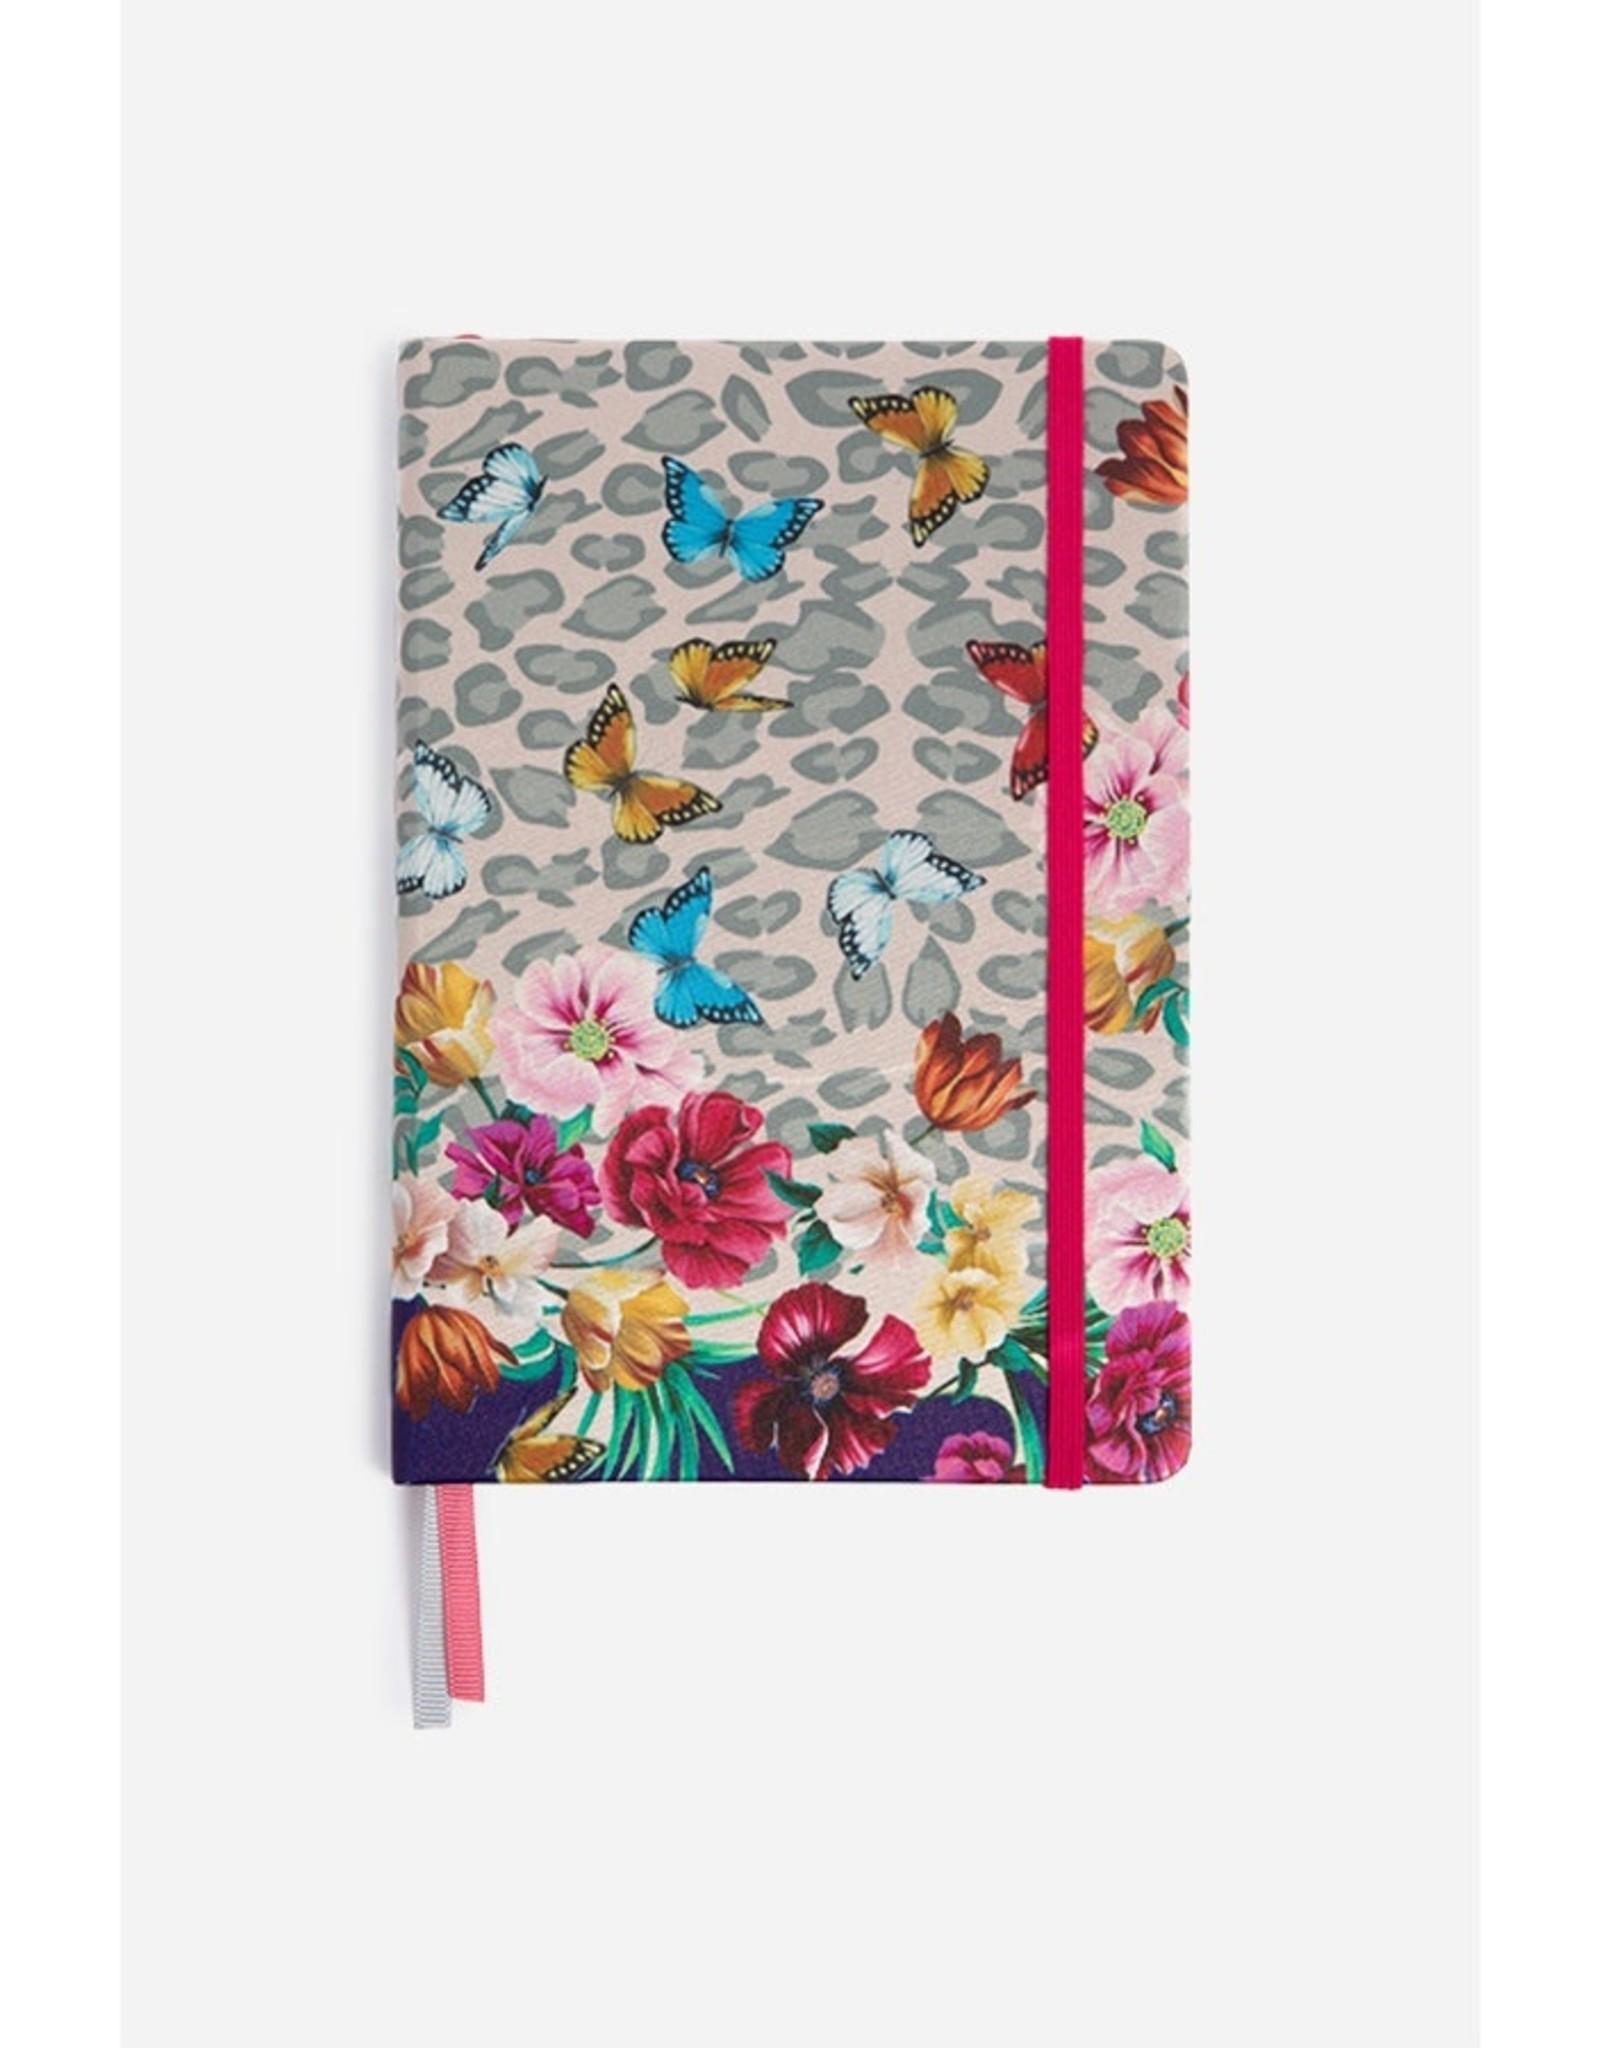 Mayflower Silk Cover Journal